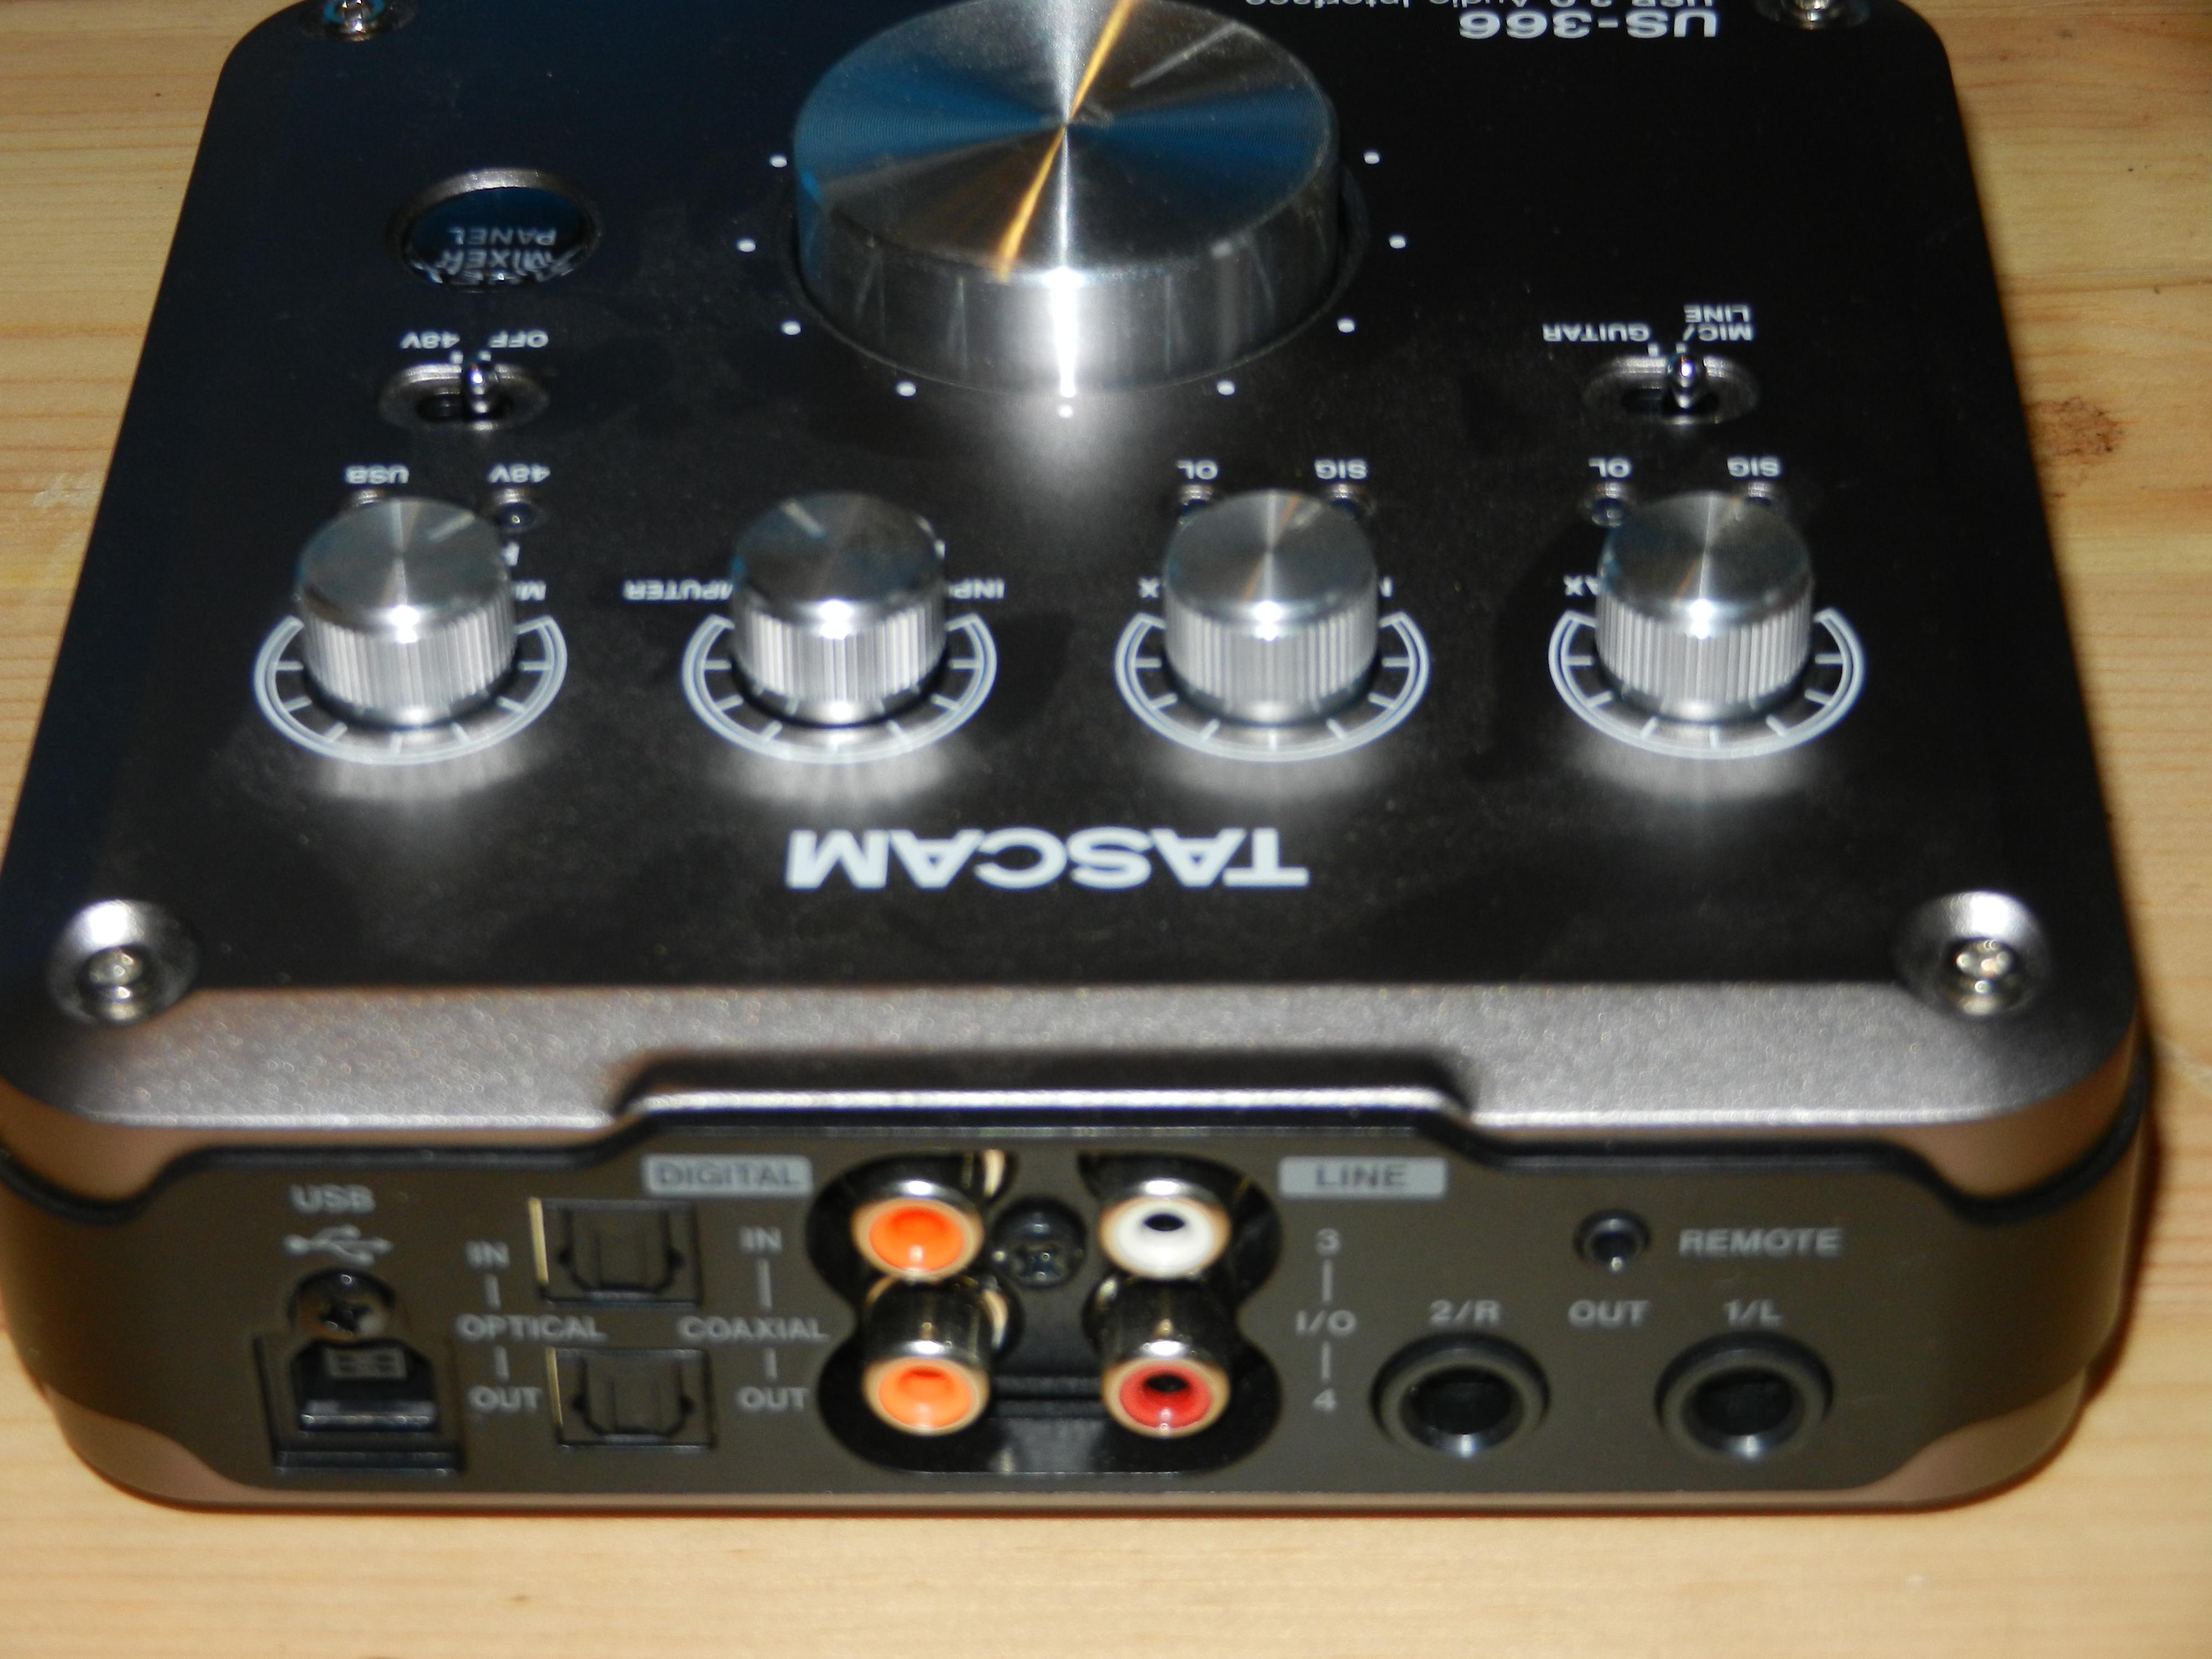 logiciel tascam us-322 usb interface audio driver télécharger